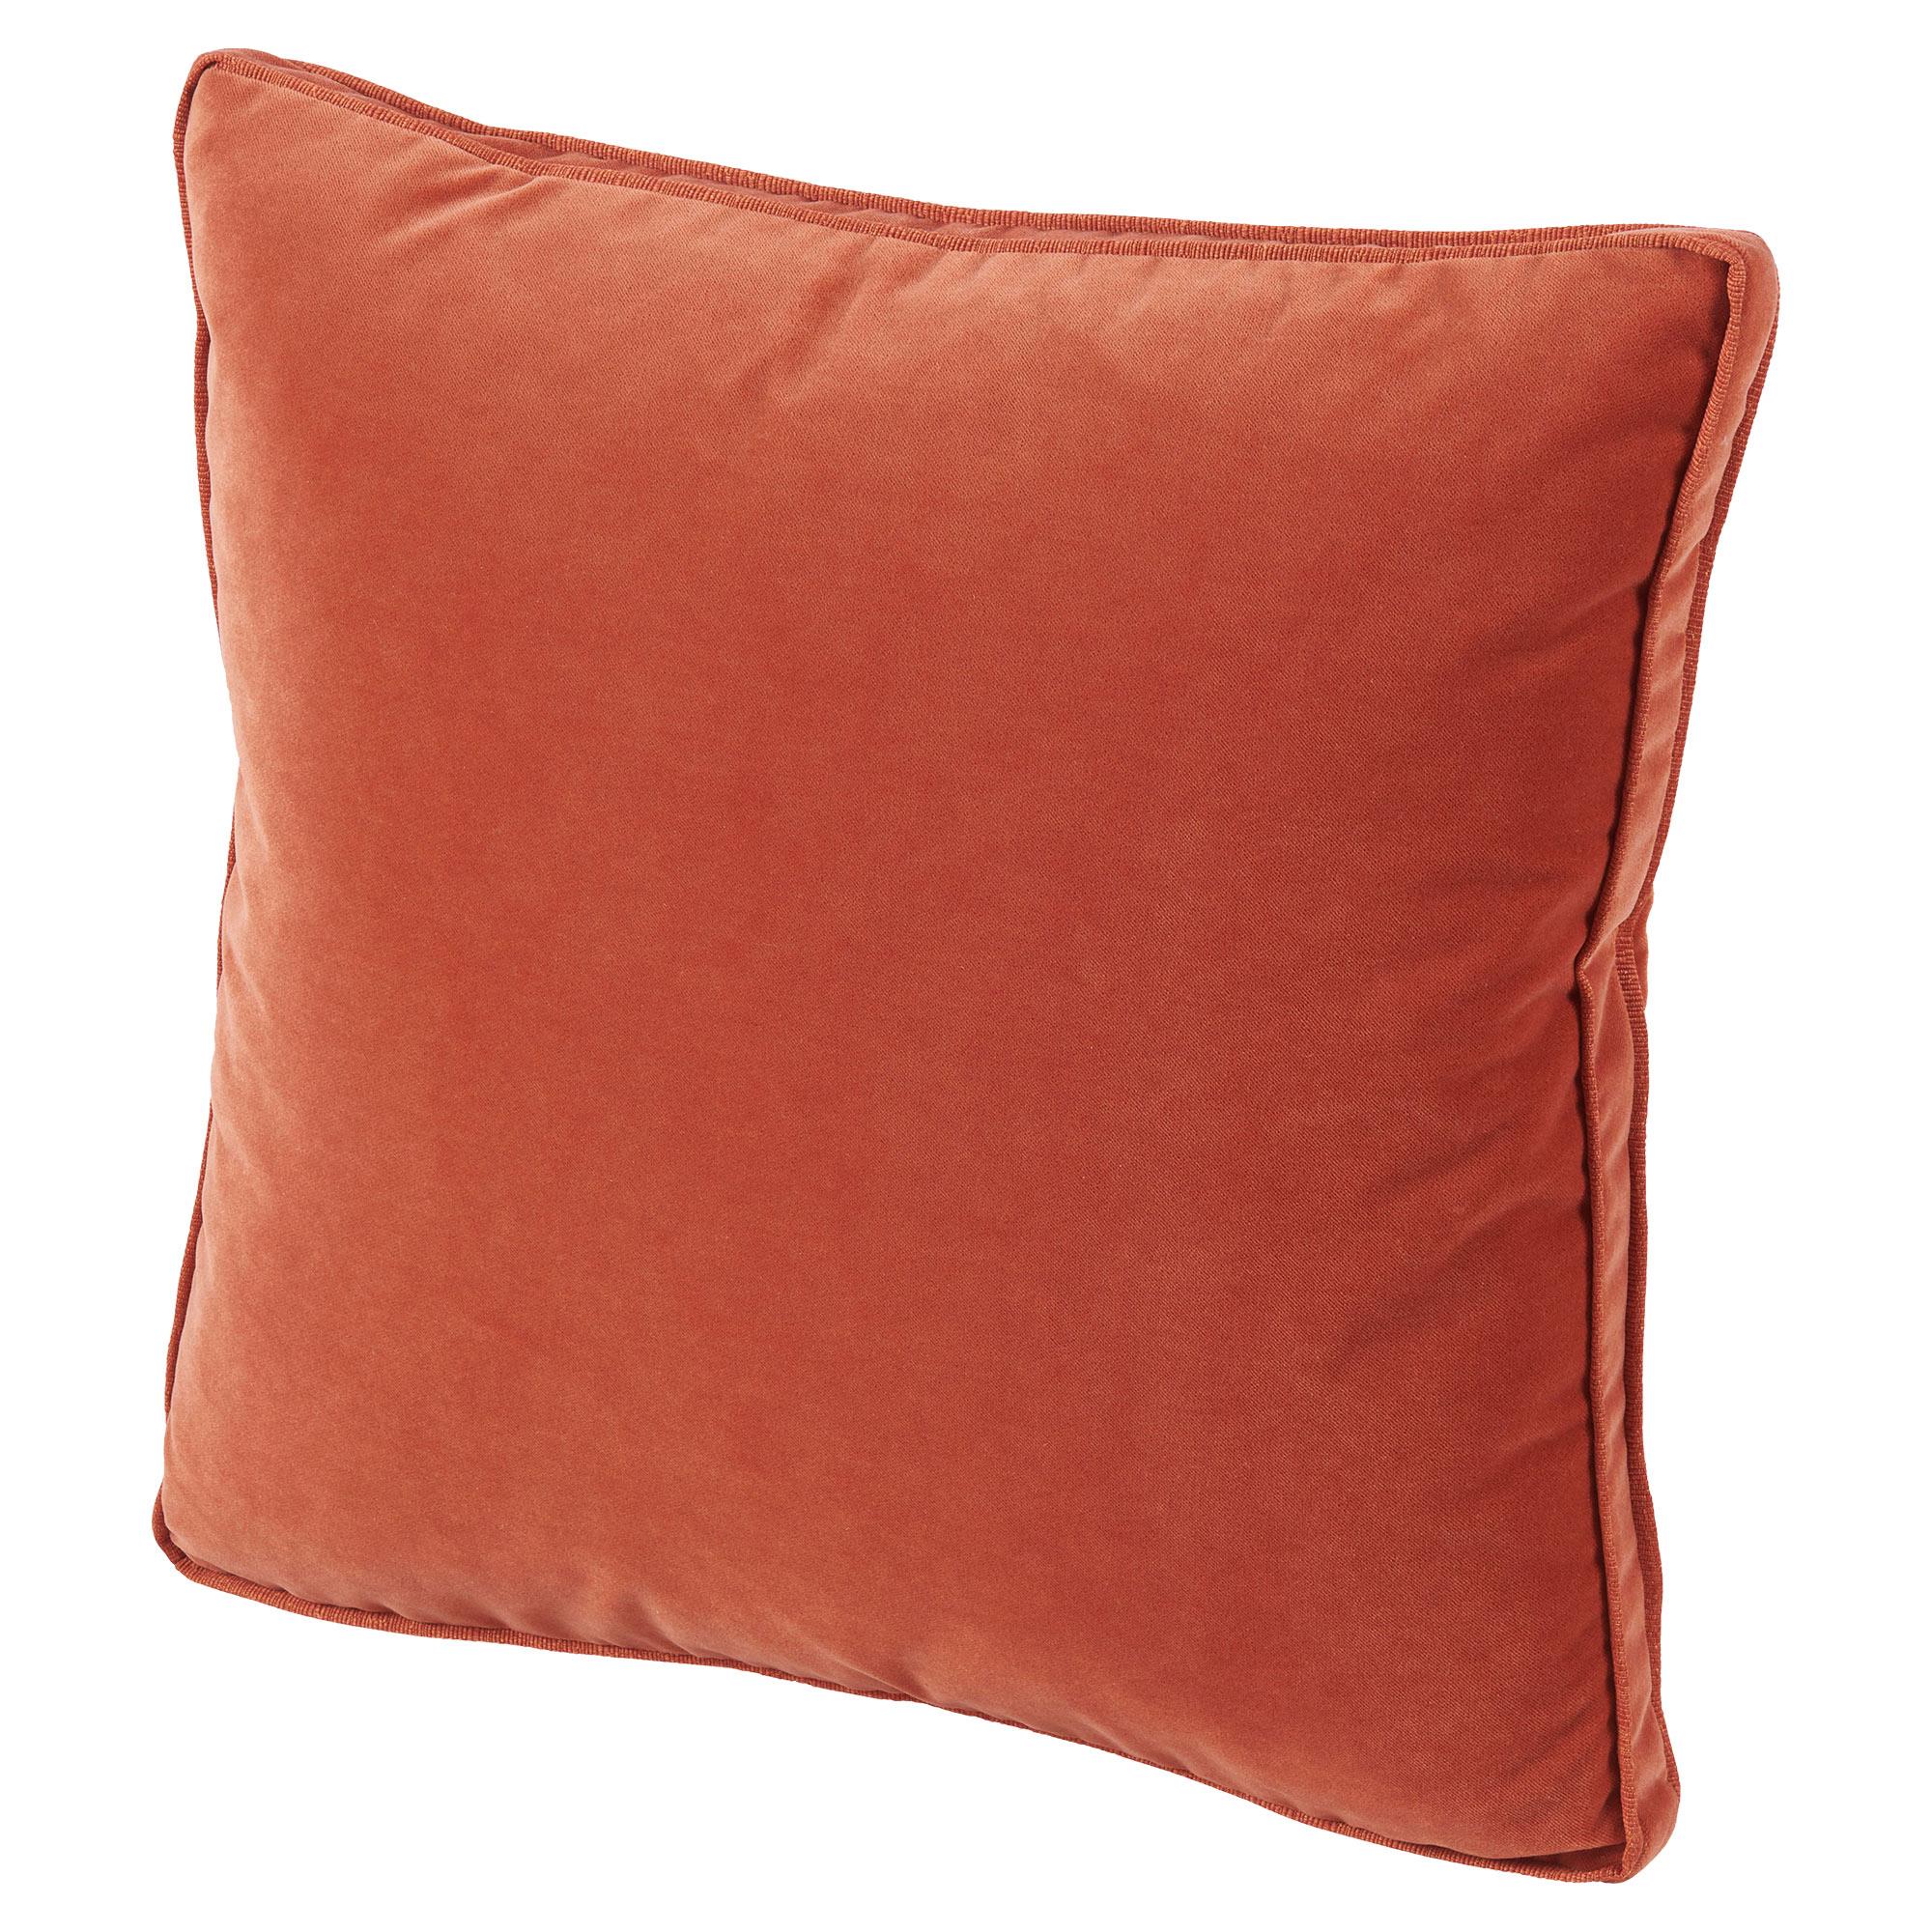 Tildy Classic Tangerine Orange Velvet Pillow - 22x22